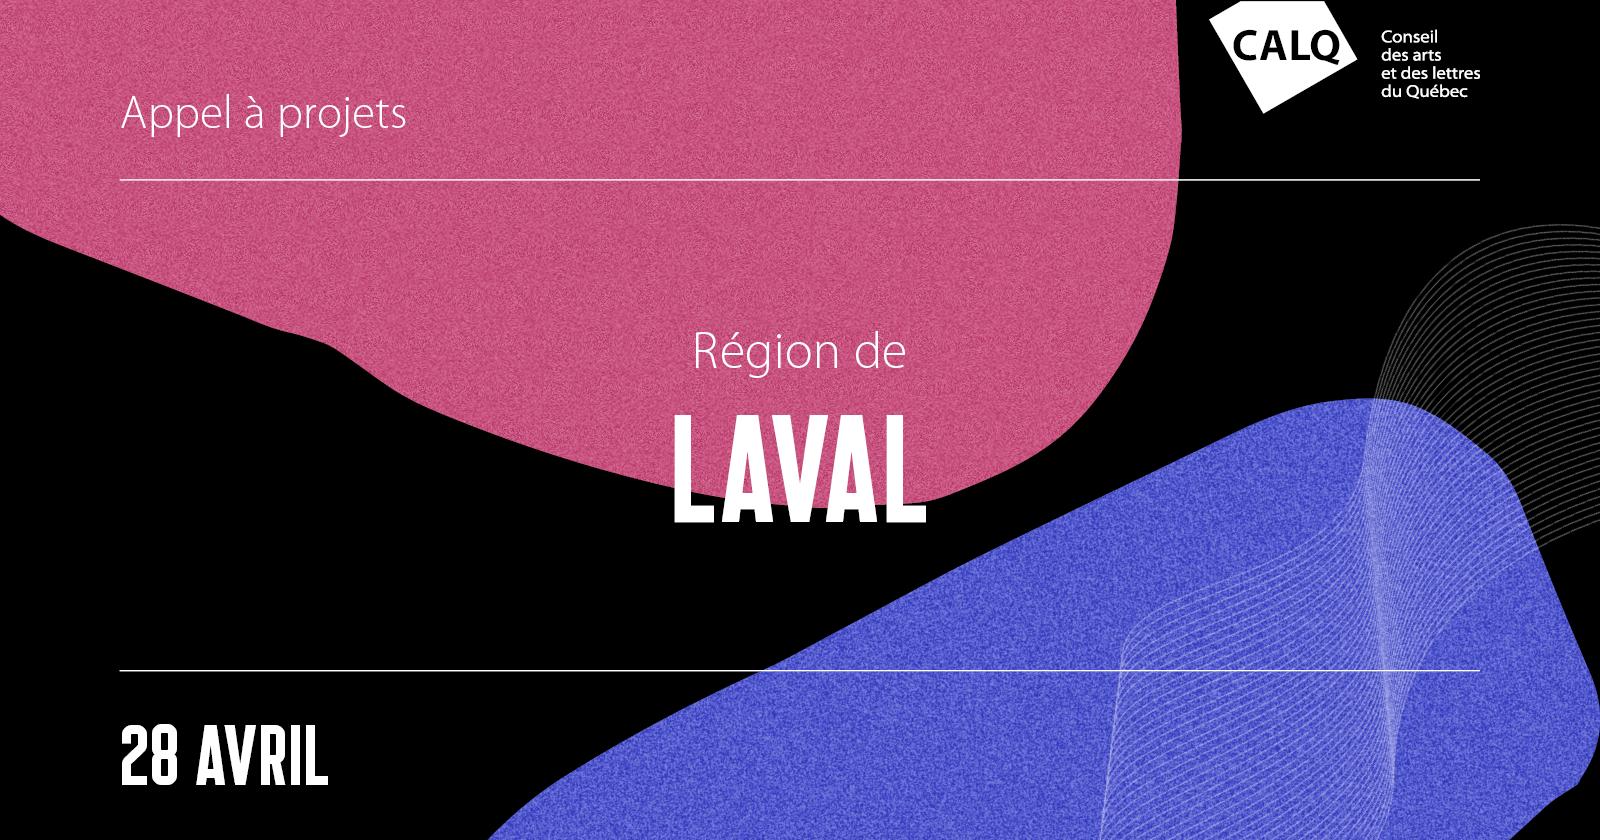 Appel à projets pour les artistes, écrivain(e)s et organismes artistiques de Laval 2021